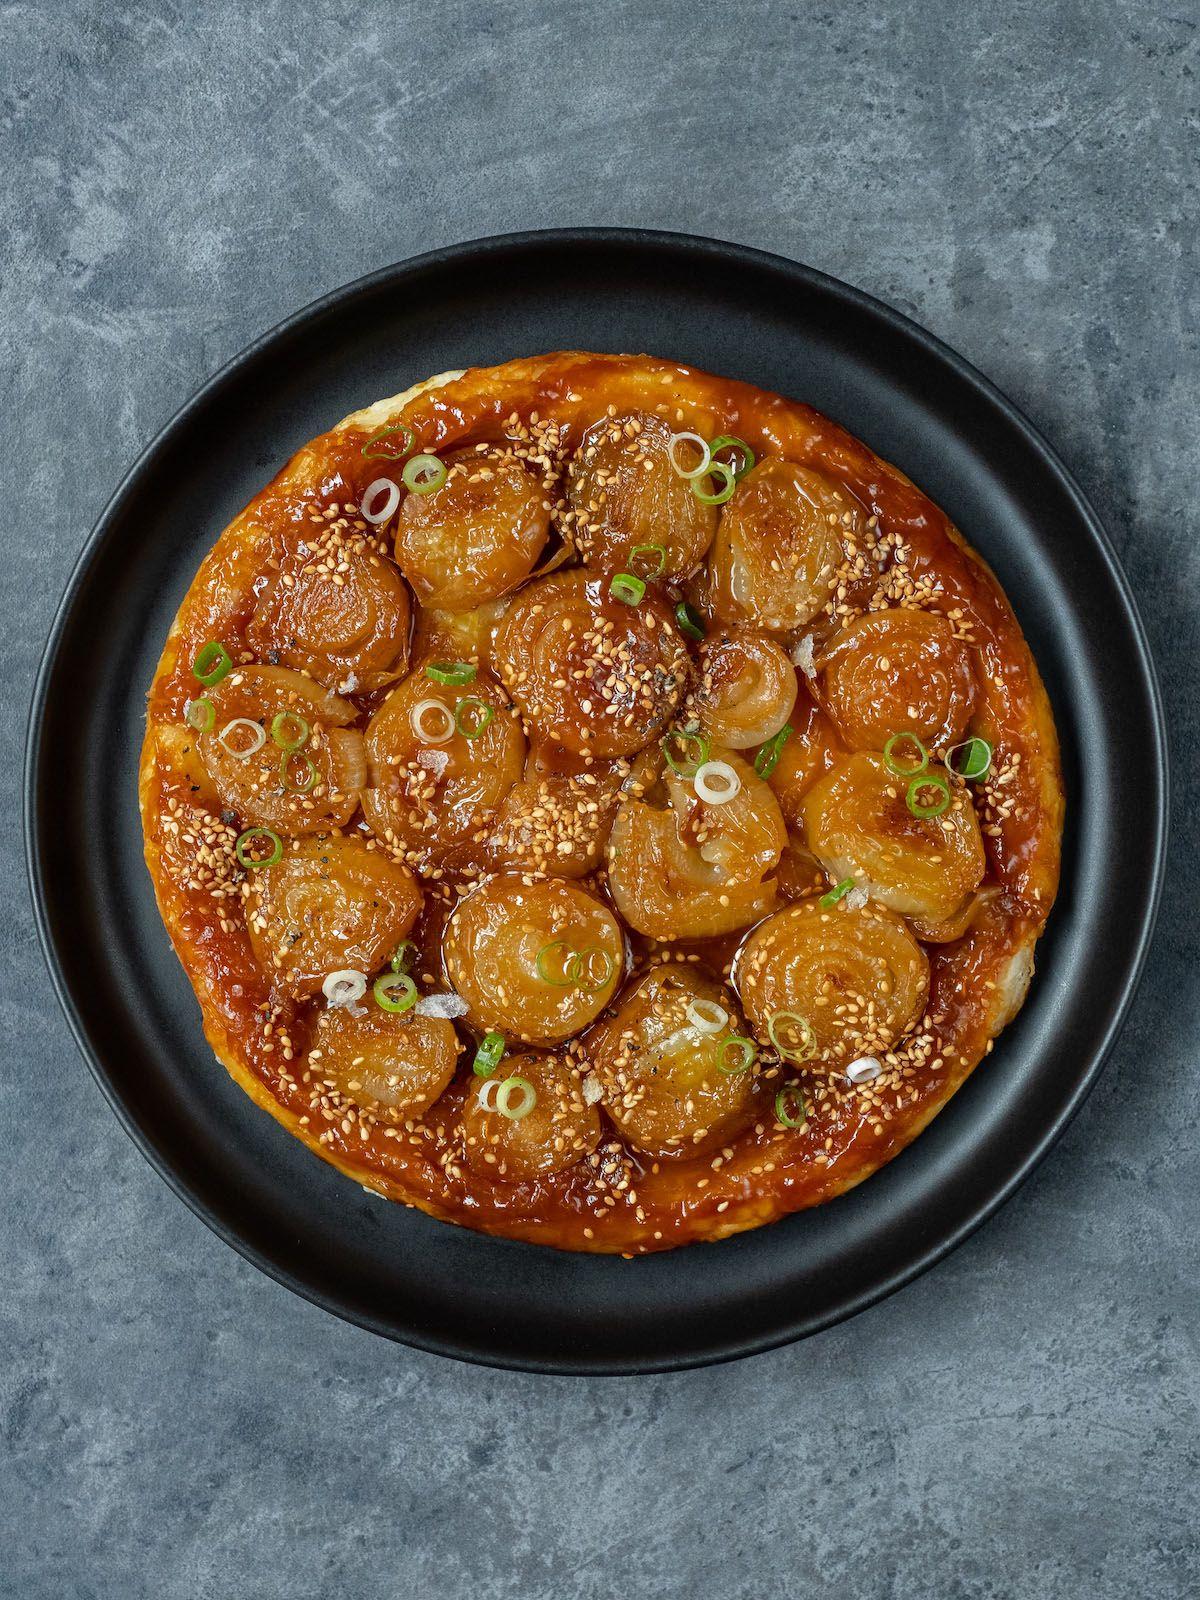 Rezept About Fuel Foodblog Zwiebel Tart Tatin mit Misokaramell, Sesam, Frühlingszwiebeln und Belsazar